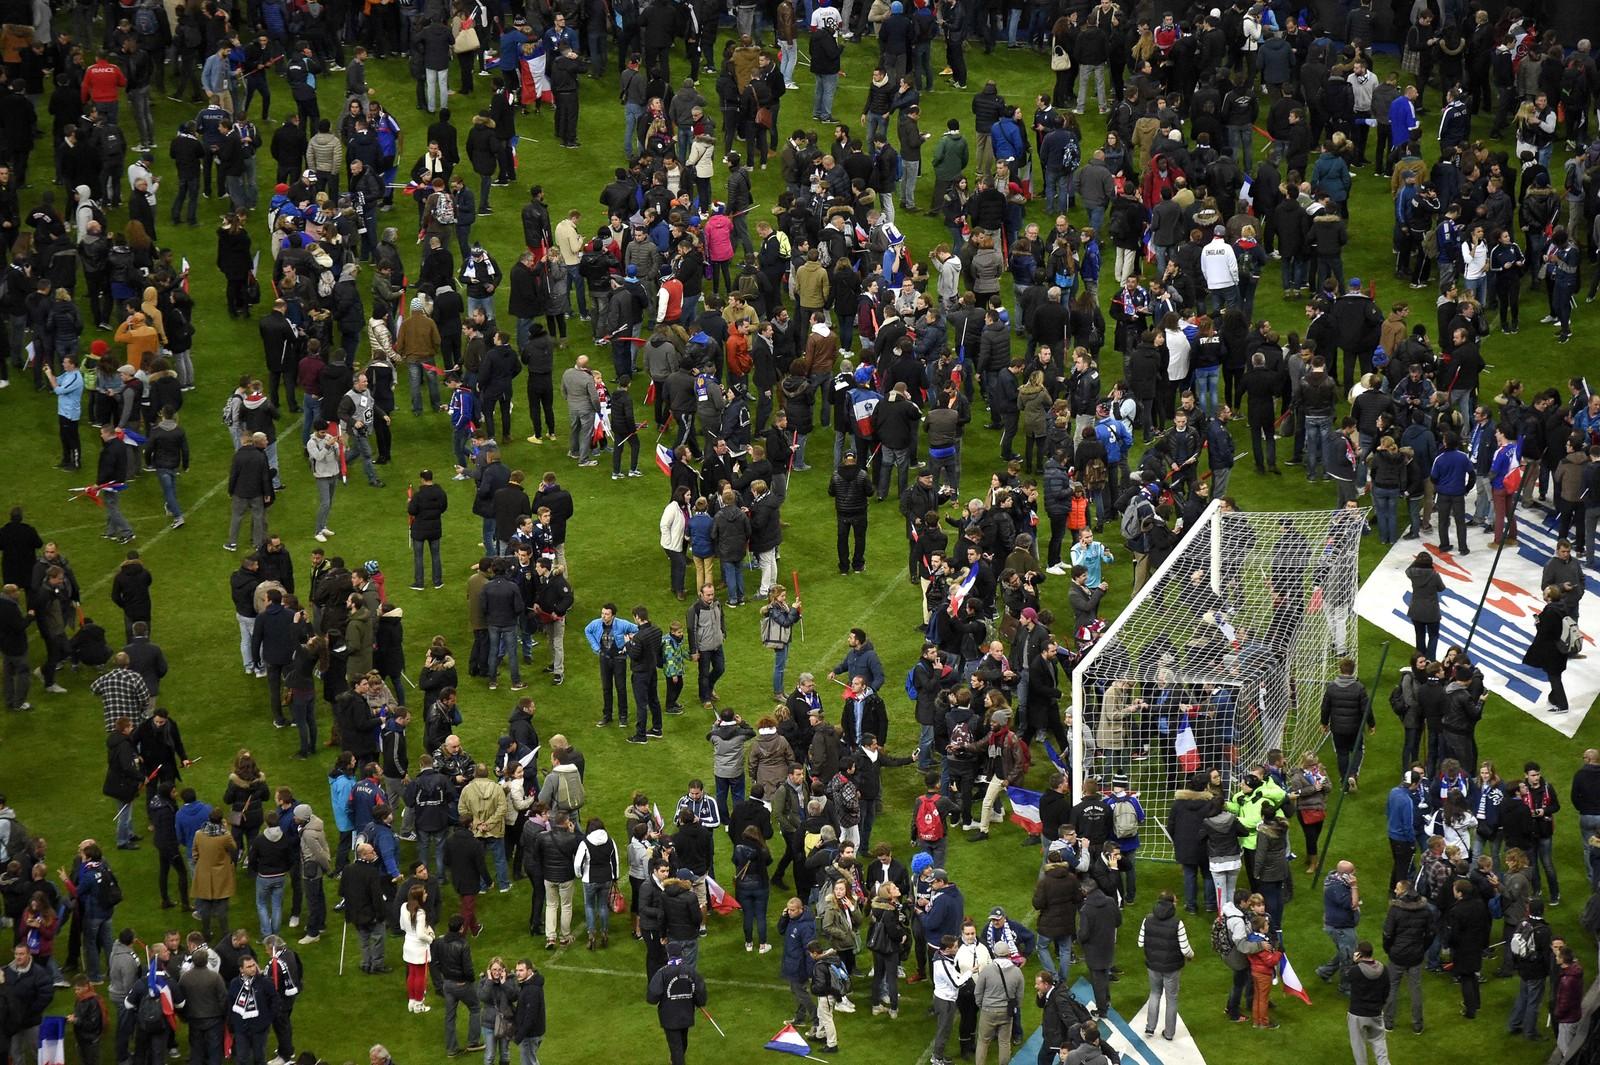 FOTBALLKAMP: Avisen Liberation melder at det skal ha vært tre eksplosjoner ved en bar nær fotballstadionet Stade de France. Her spilte Tyskland og Frankrike en vennekamp, og president François Hollande var blant tilskuerne. Senere hersket det kaos og panikk på stadion. Flere søkte tilflukt i lokaler under gressmatta.